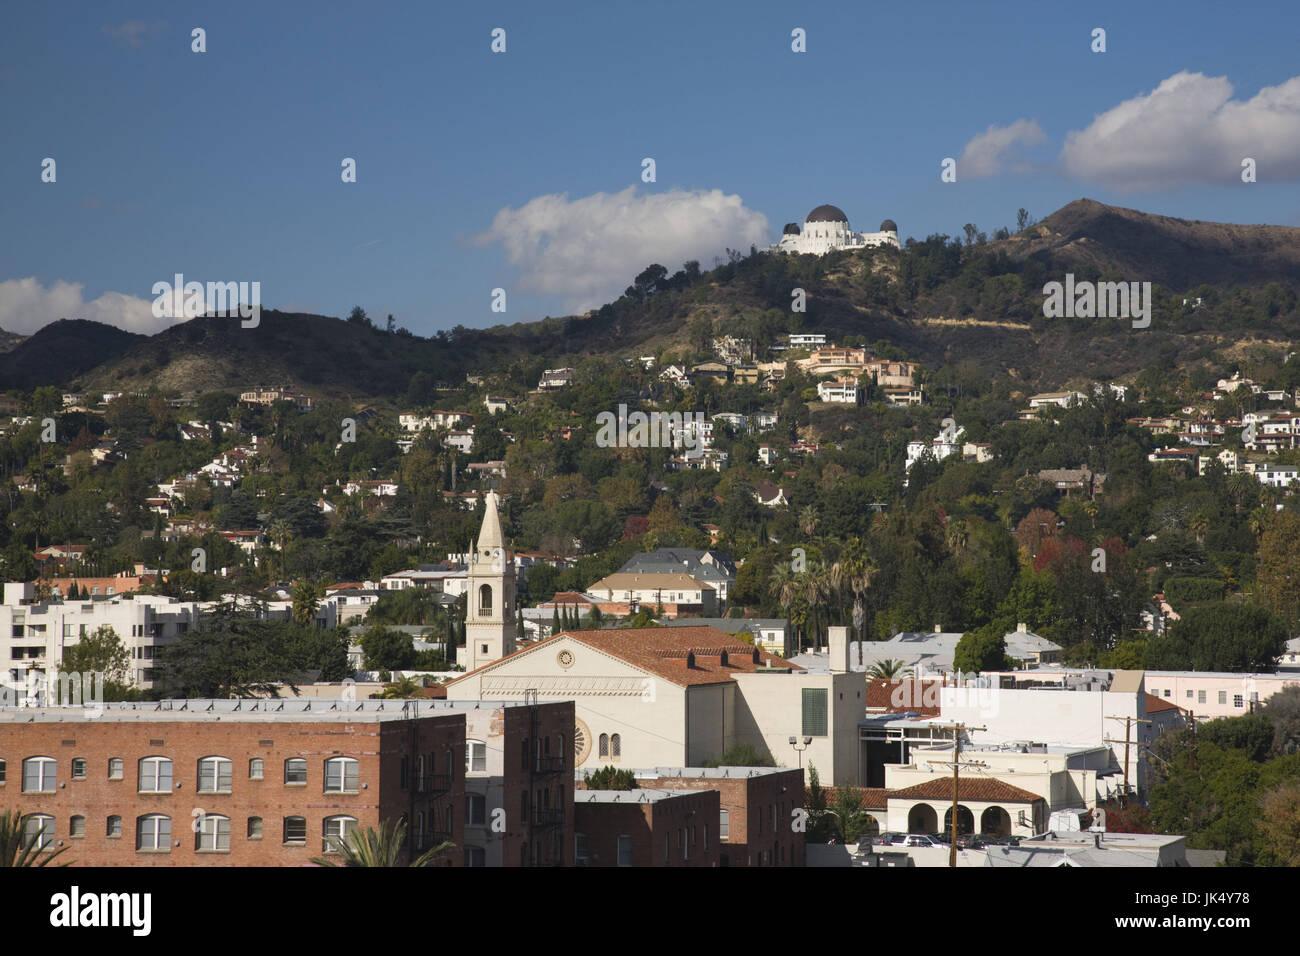 California, Estados Unidos, Los Angeles, Loz Feliz vecindario y el Griffith Park Observatory Imagen De Stock